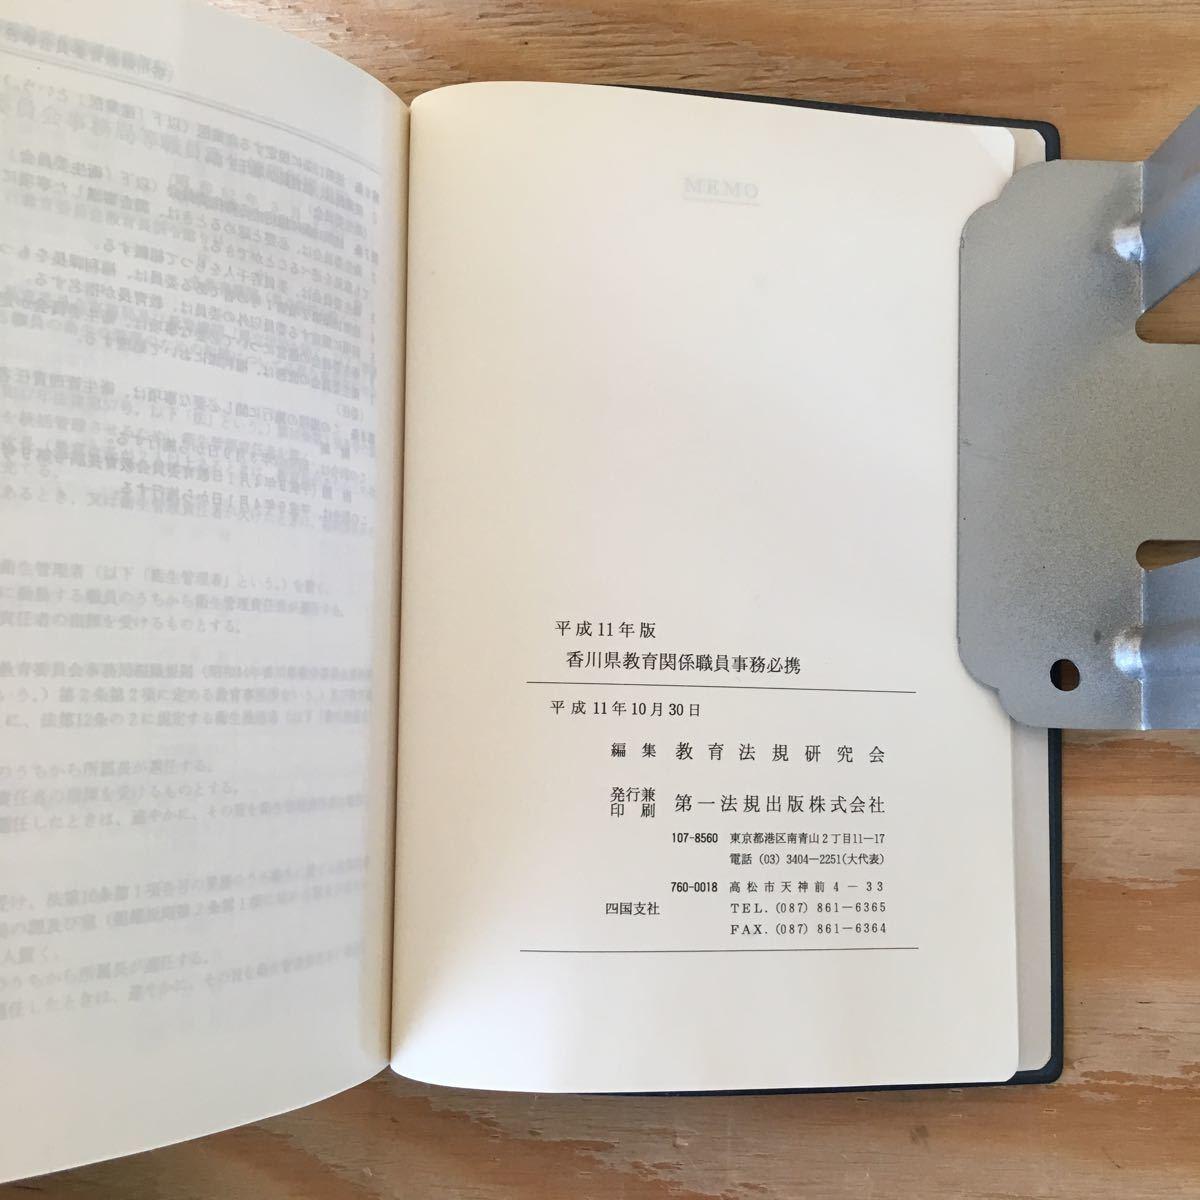 ヤフオク! - 3FFD-191105 レア[香川県教育関係職員事務必携...